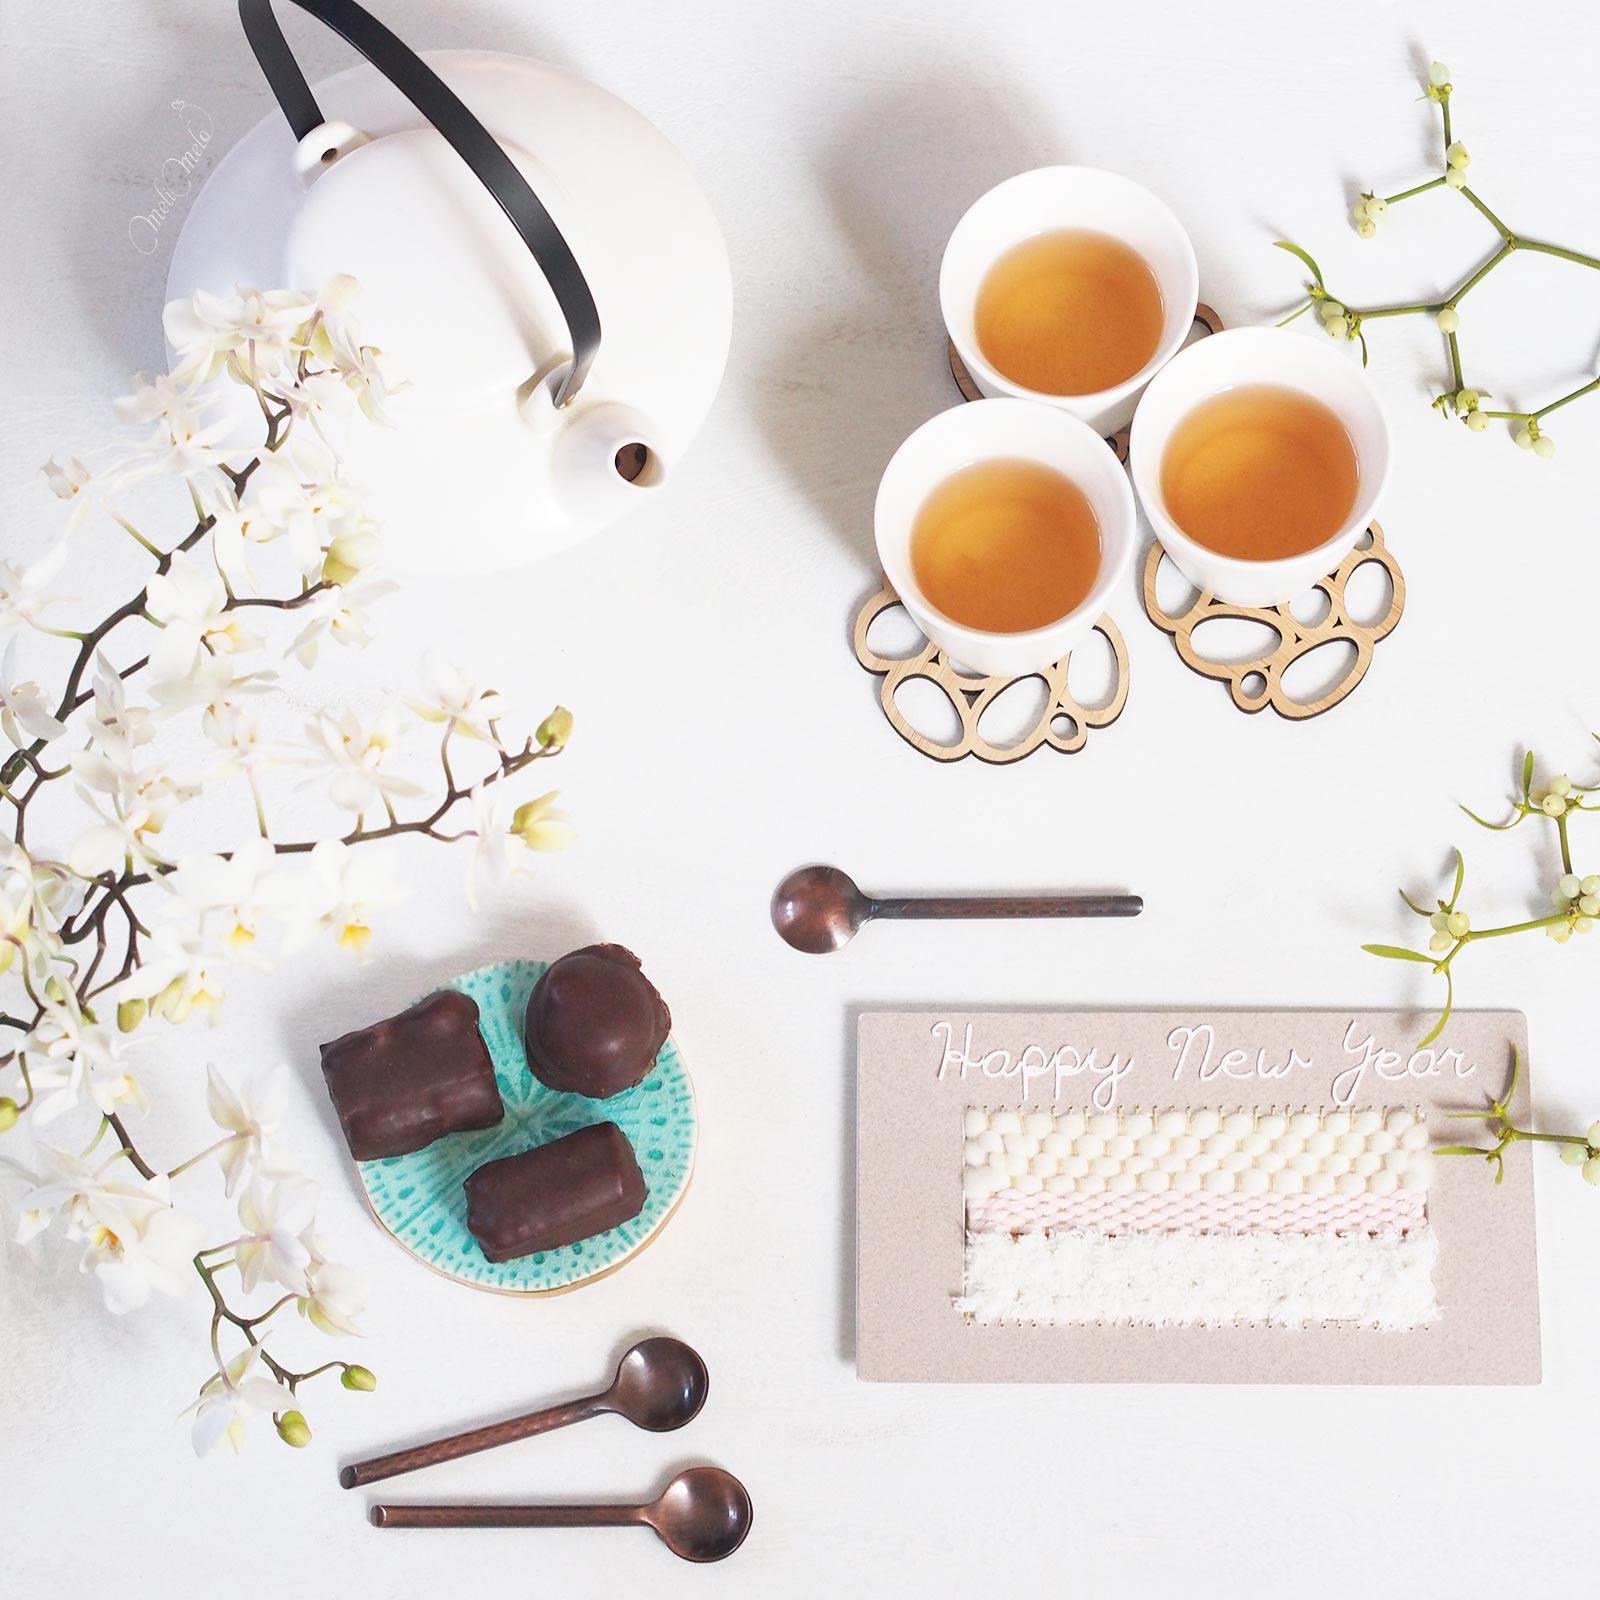 voeux nouvelle année 2017 tissage orchidée thé chocolat laboutiquedemelimelo